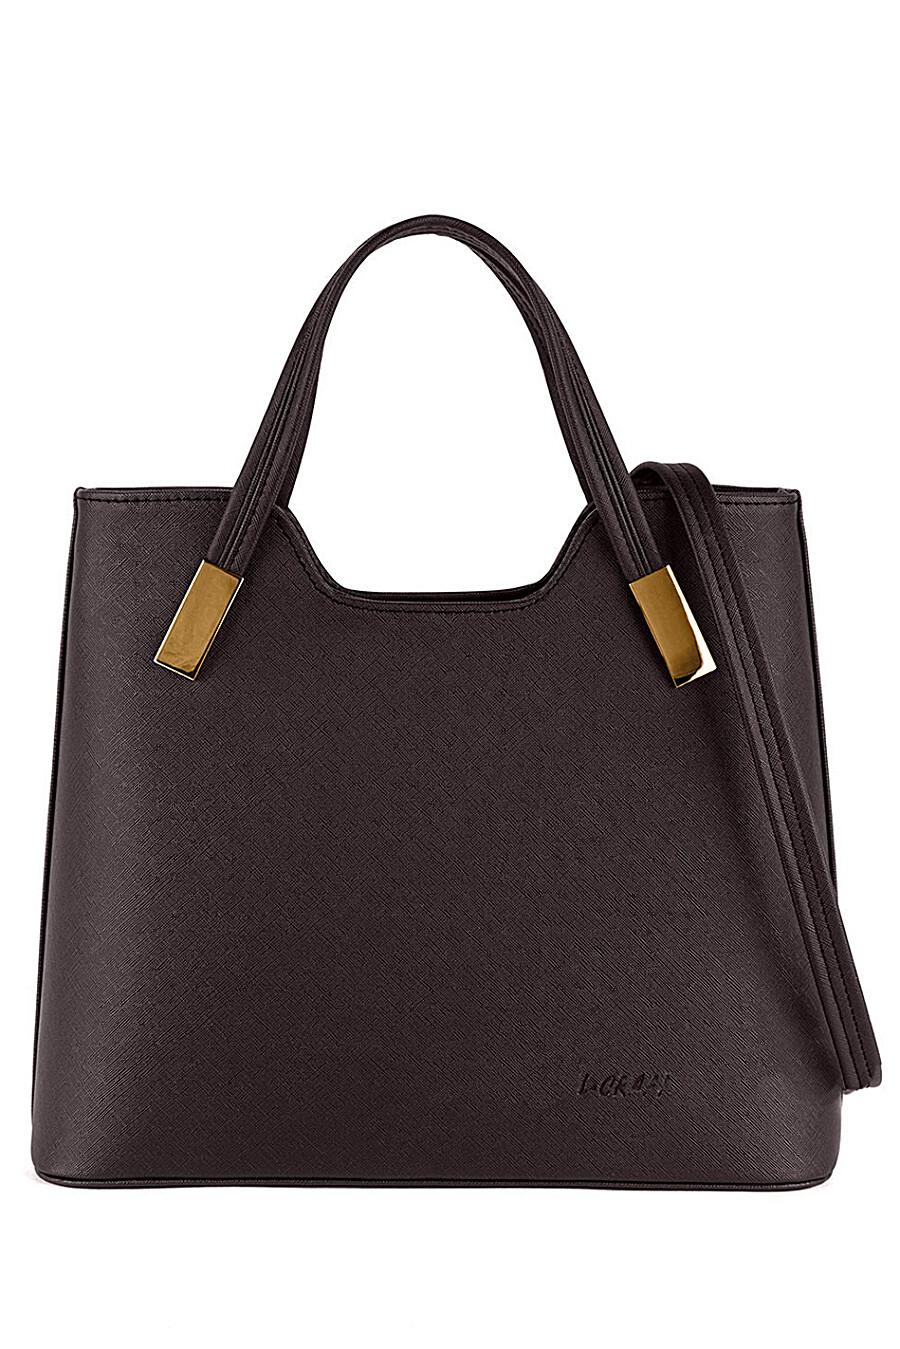 Сумка для женщин L-CRAFT 260416 купить оптом от производителя. Совместная покупка женской одежды в OptMoyo